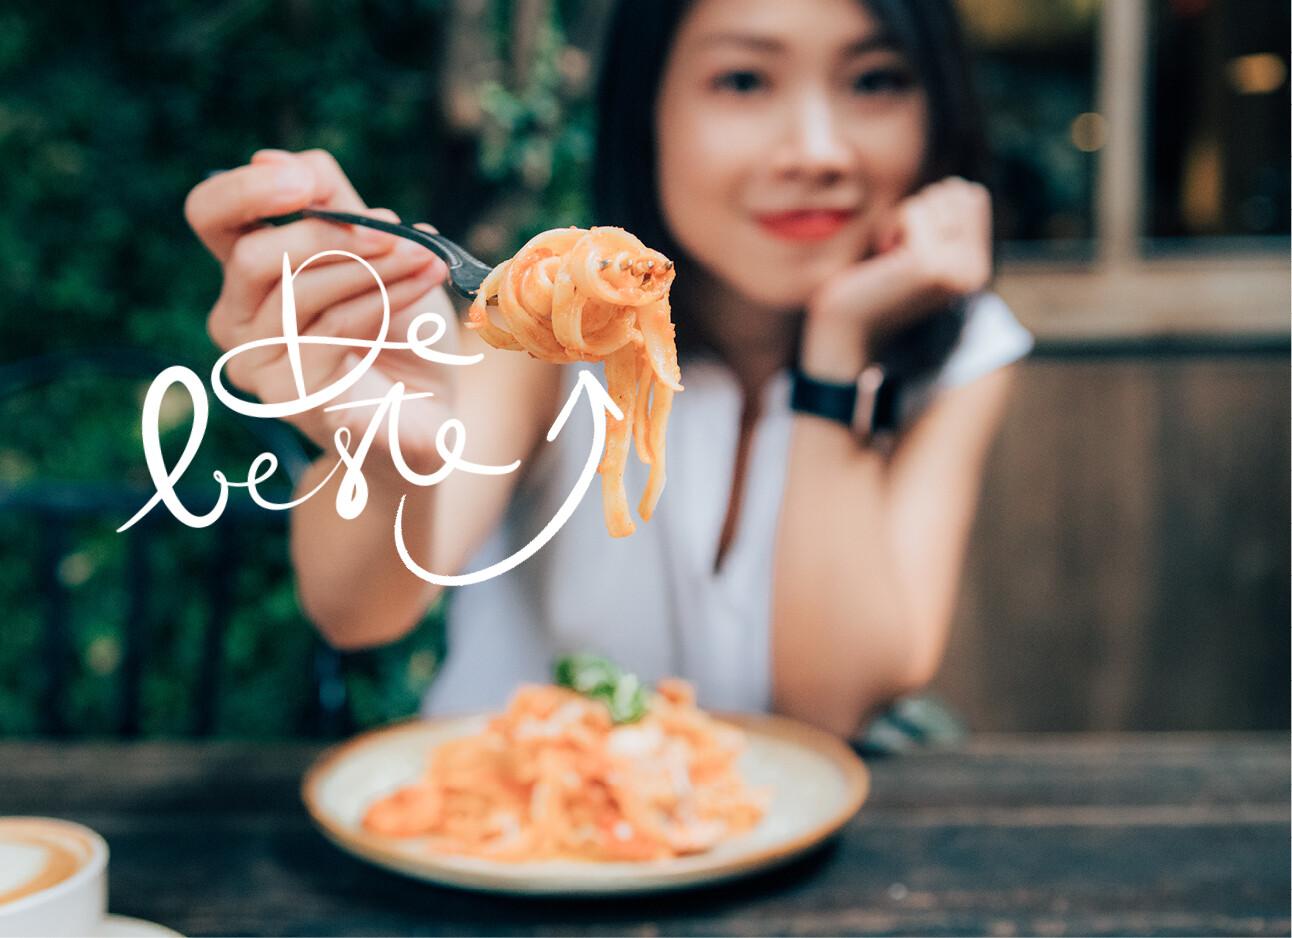 vrouw eet pasta